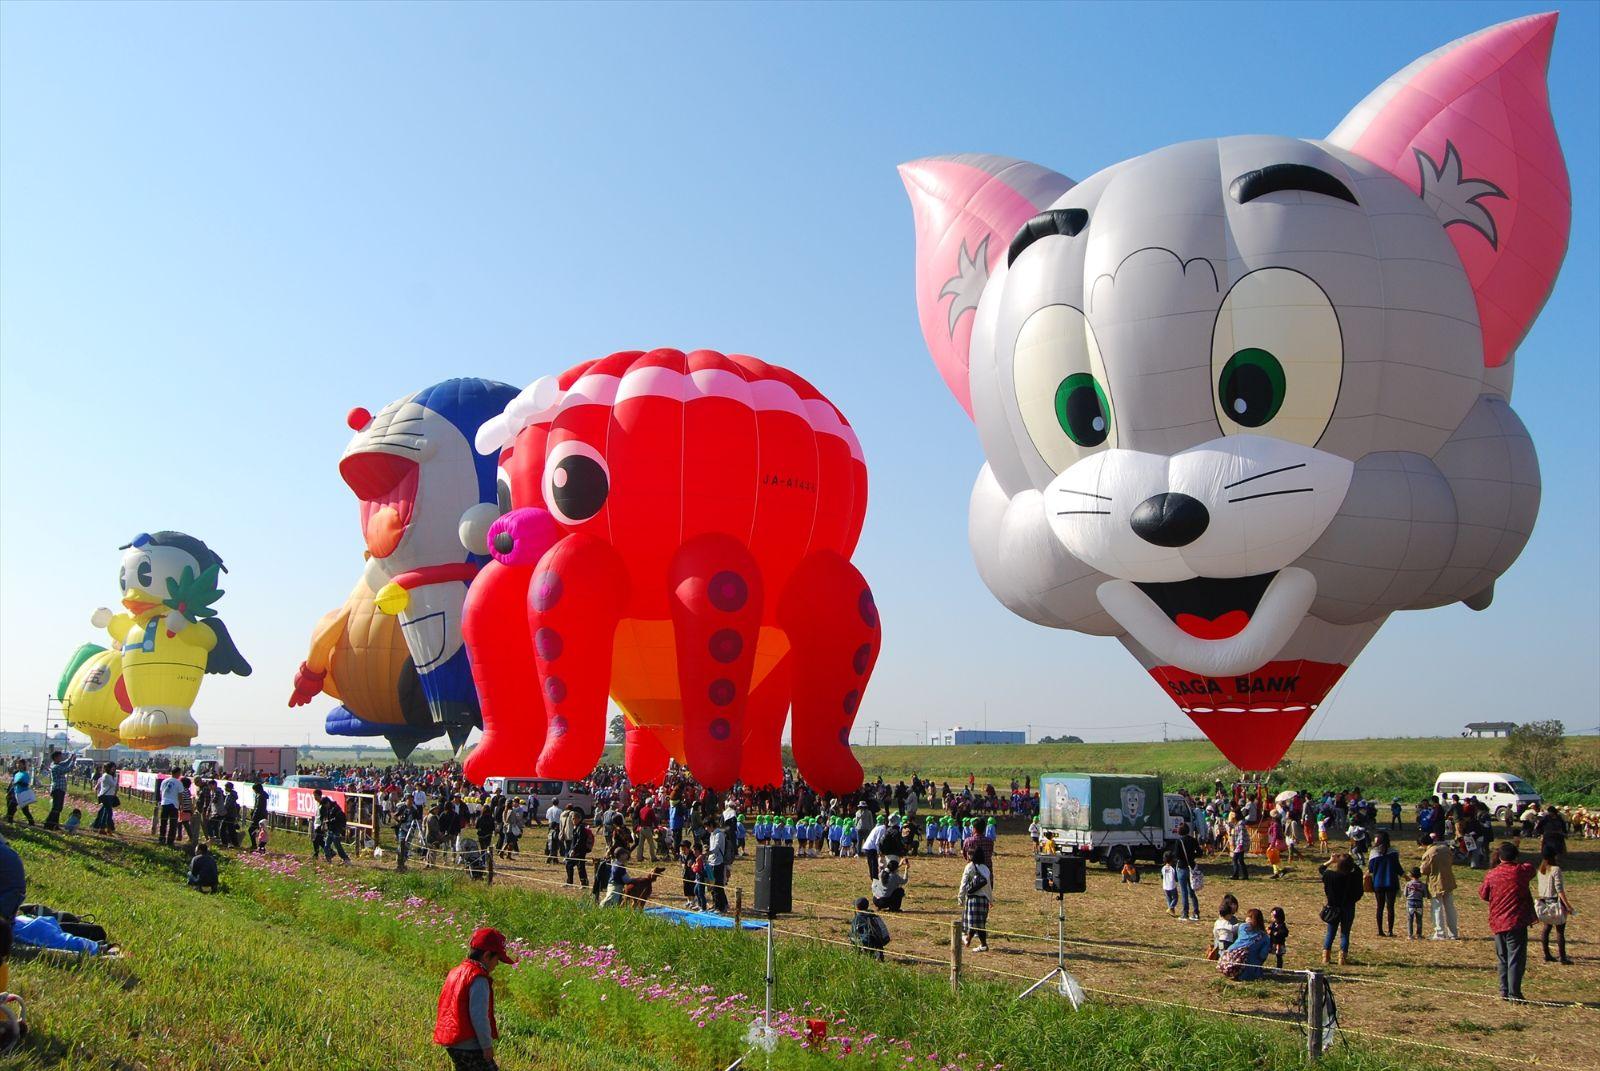 佐賀市最盛大的秋季活動「佐賀國際熱氣球節」,今年已經確定將於10/30~113登場囉!這場熱氣球盛會規模為亞洲最大,每年都吸引將近百萬人前來。雖然正式活動於30號展開,但在29號將會舉辦前夜祭,11/2、11/3晚間更有夜間繫留活動,能欣賞到夜色下飄浮在河岸邊的熱氣球。因燃燒器開啟所以放眼望去每顆熱氣球都閃閃發光,形成一幅浪漫得景致,另外更有露天音樂會、施放煙火等活動,相當豐富呢!想知道有什麼活動是一定要參加的嗎?快把滑鼠往下拉,一起來看看吧 【前夜祭浪漫彩燈遊行|10/29 18:00~】  10/2